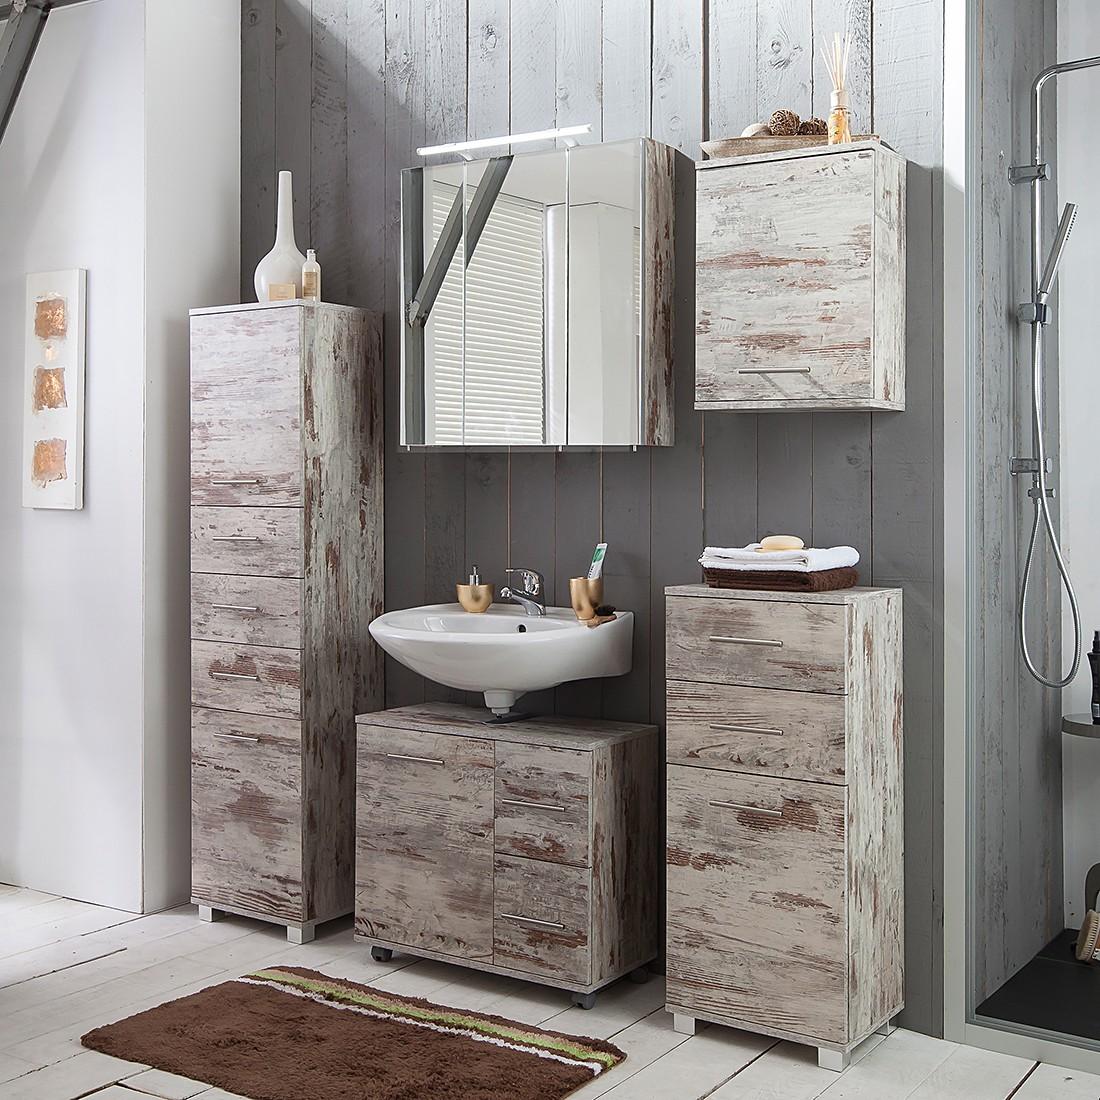 Waschbeckenunterschrank Von Giessbach Bei Home24 Bestellen | Home24